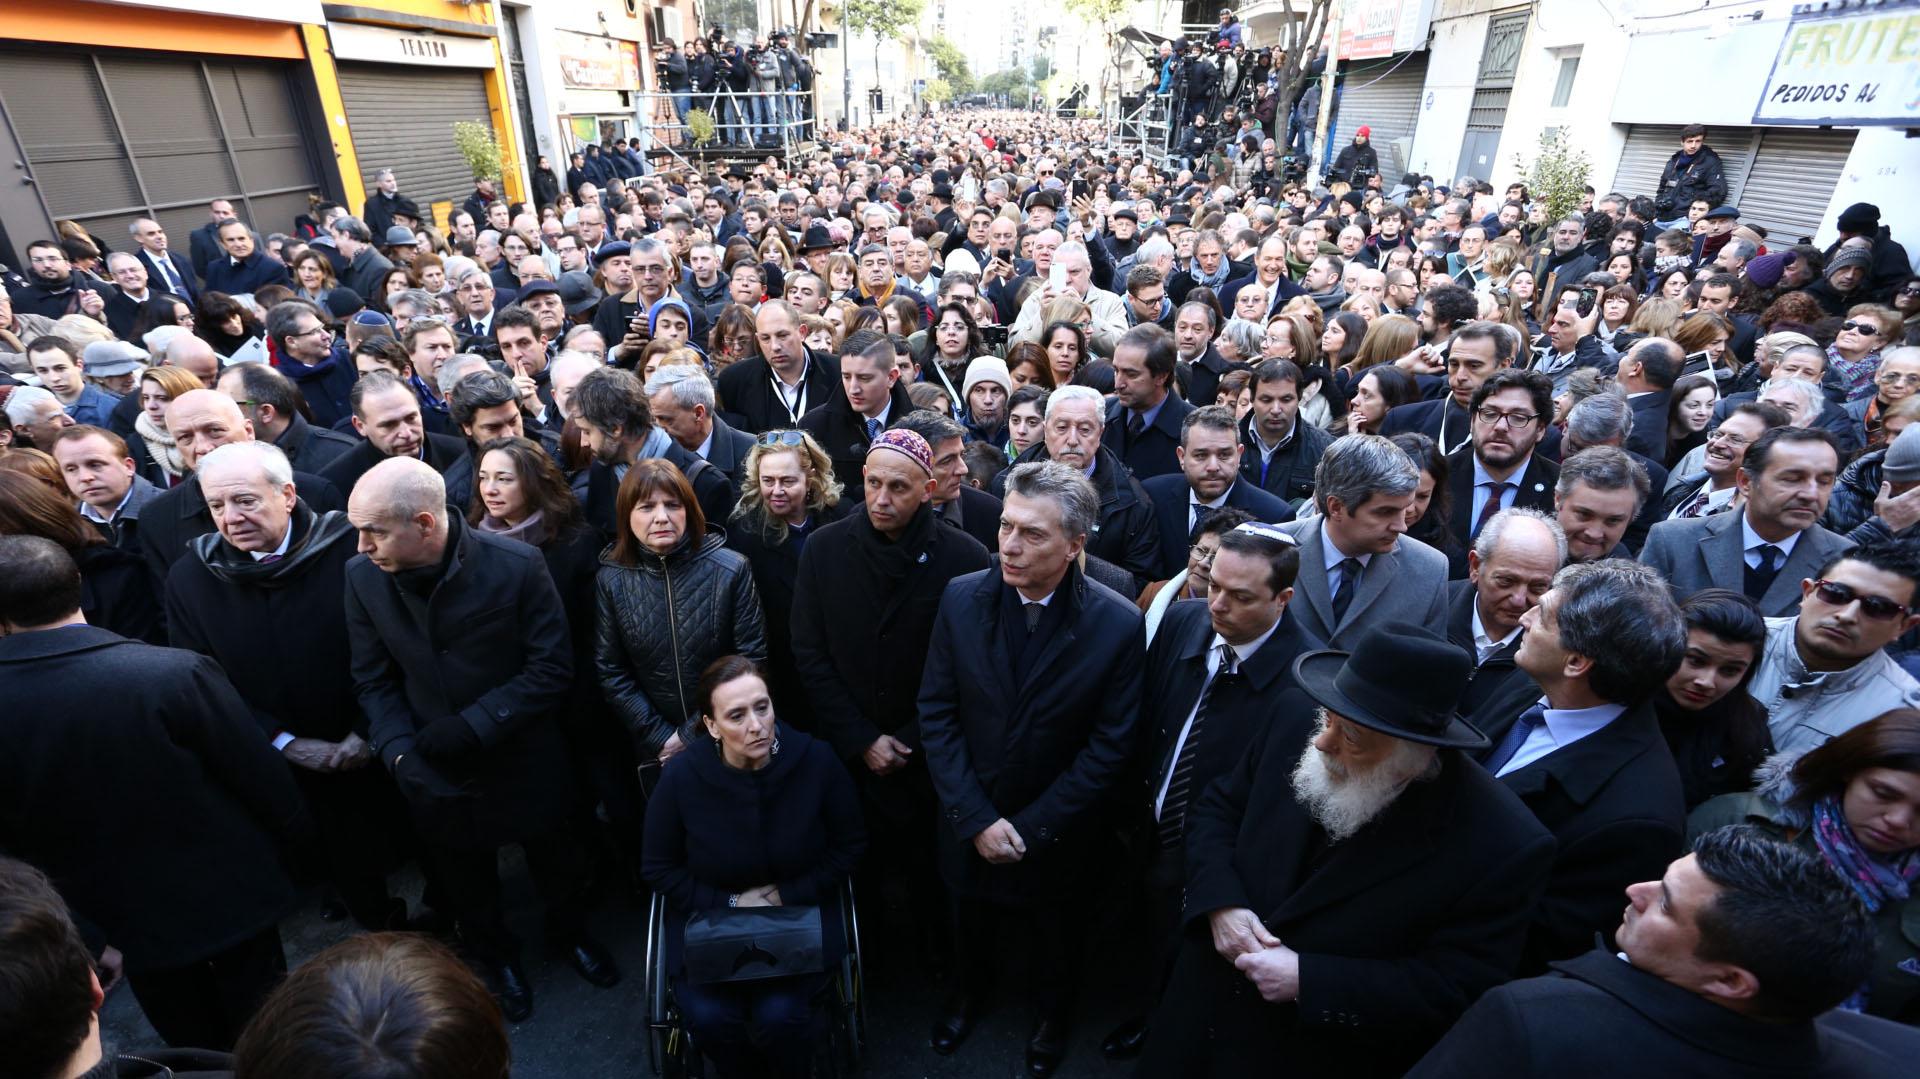 Al acto asistieron el jefe de Gobierno porteño, Horacio Rodríguez Larreta, las autoridades de la AMIA y de la Delegación de Asociaciones Israelitas Argentinas (DAIA), además de representantes de organizaciones, familiares y amigos de las víctimas. (Infobae)